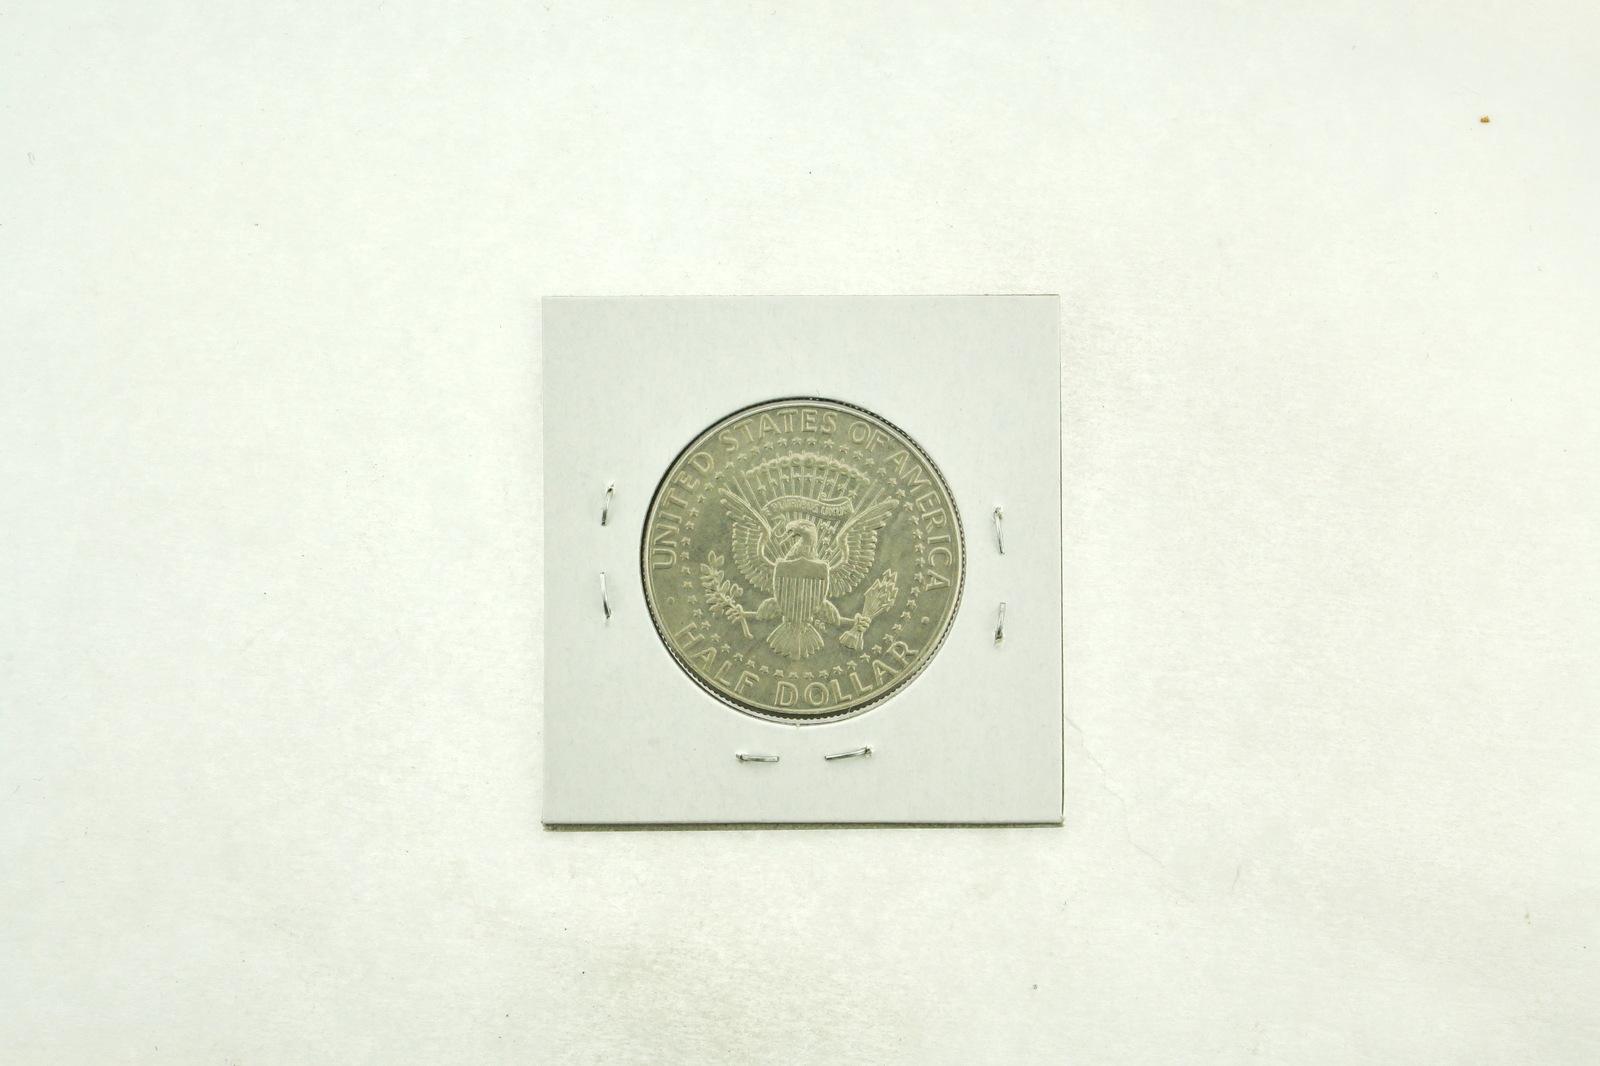 1988-D Kennedy Half Dollar (F) Fine N2-3817-7